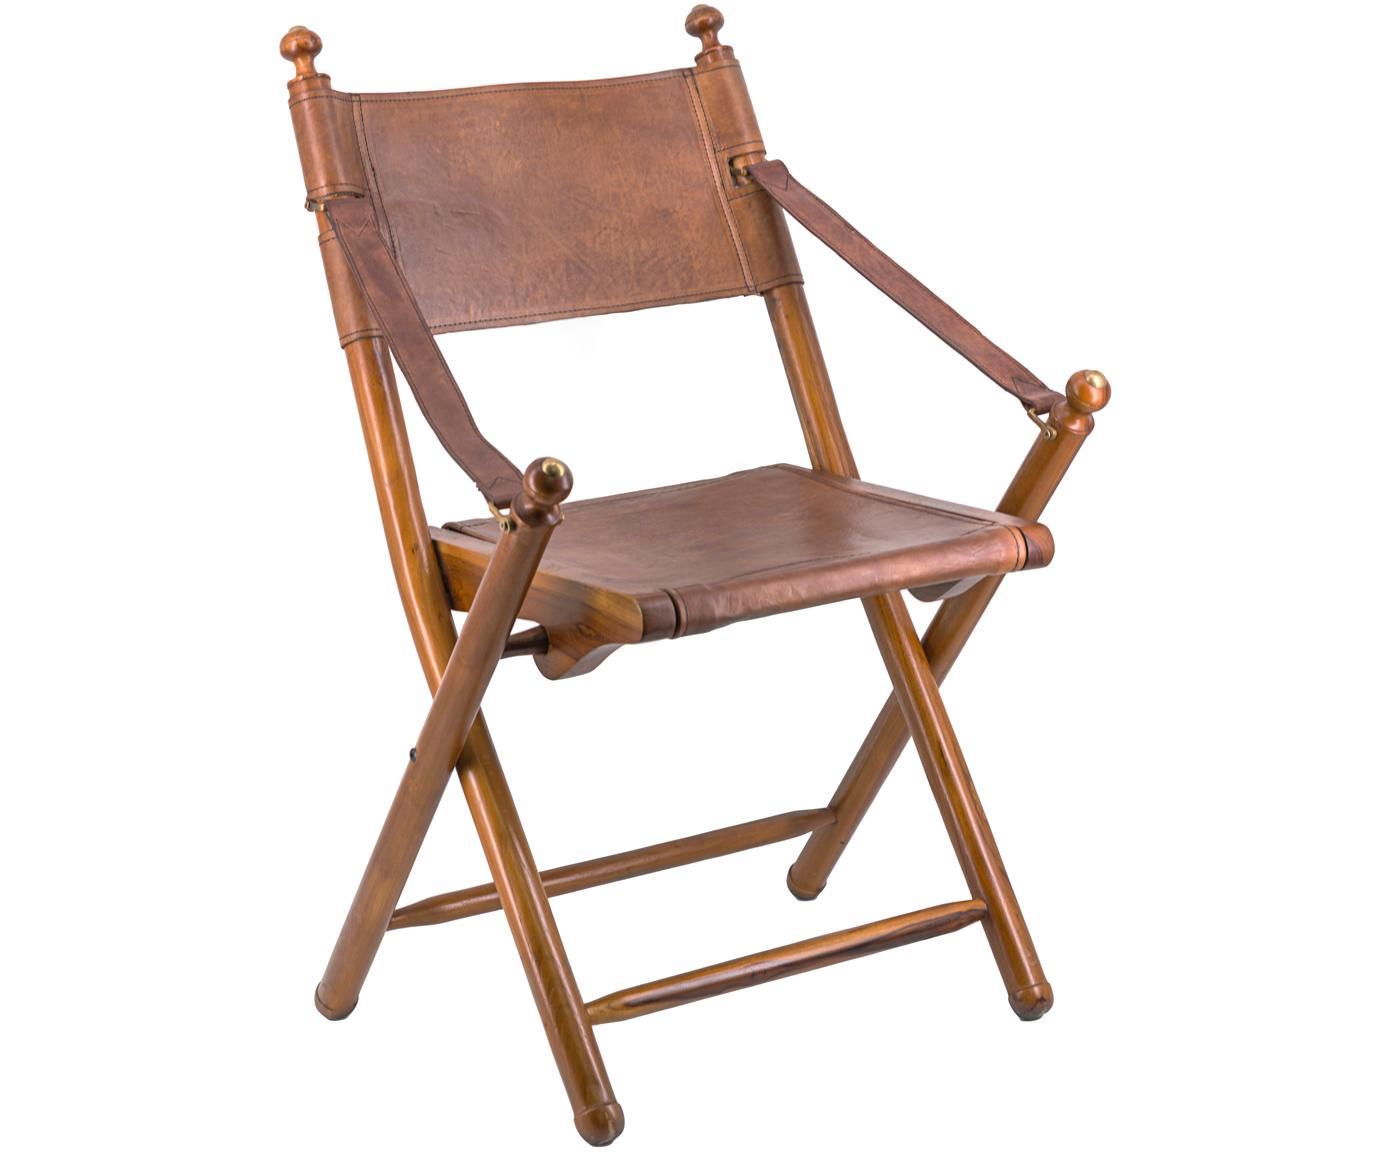 Silla plegable Tarlton, Estructura: madera de caoba, Marrón, An 53 x F 56 cm